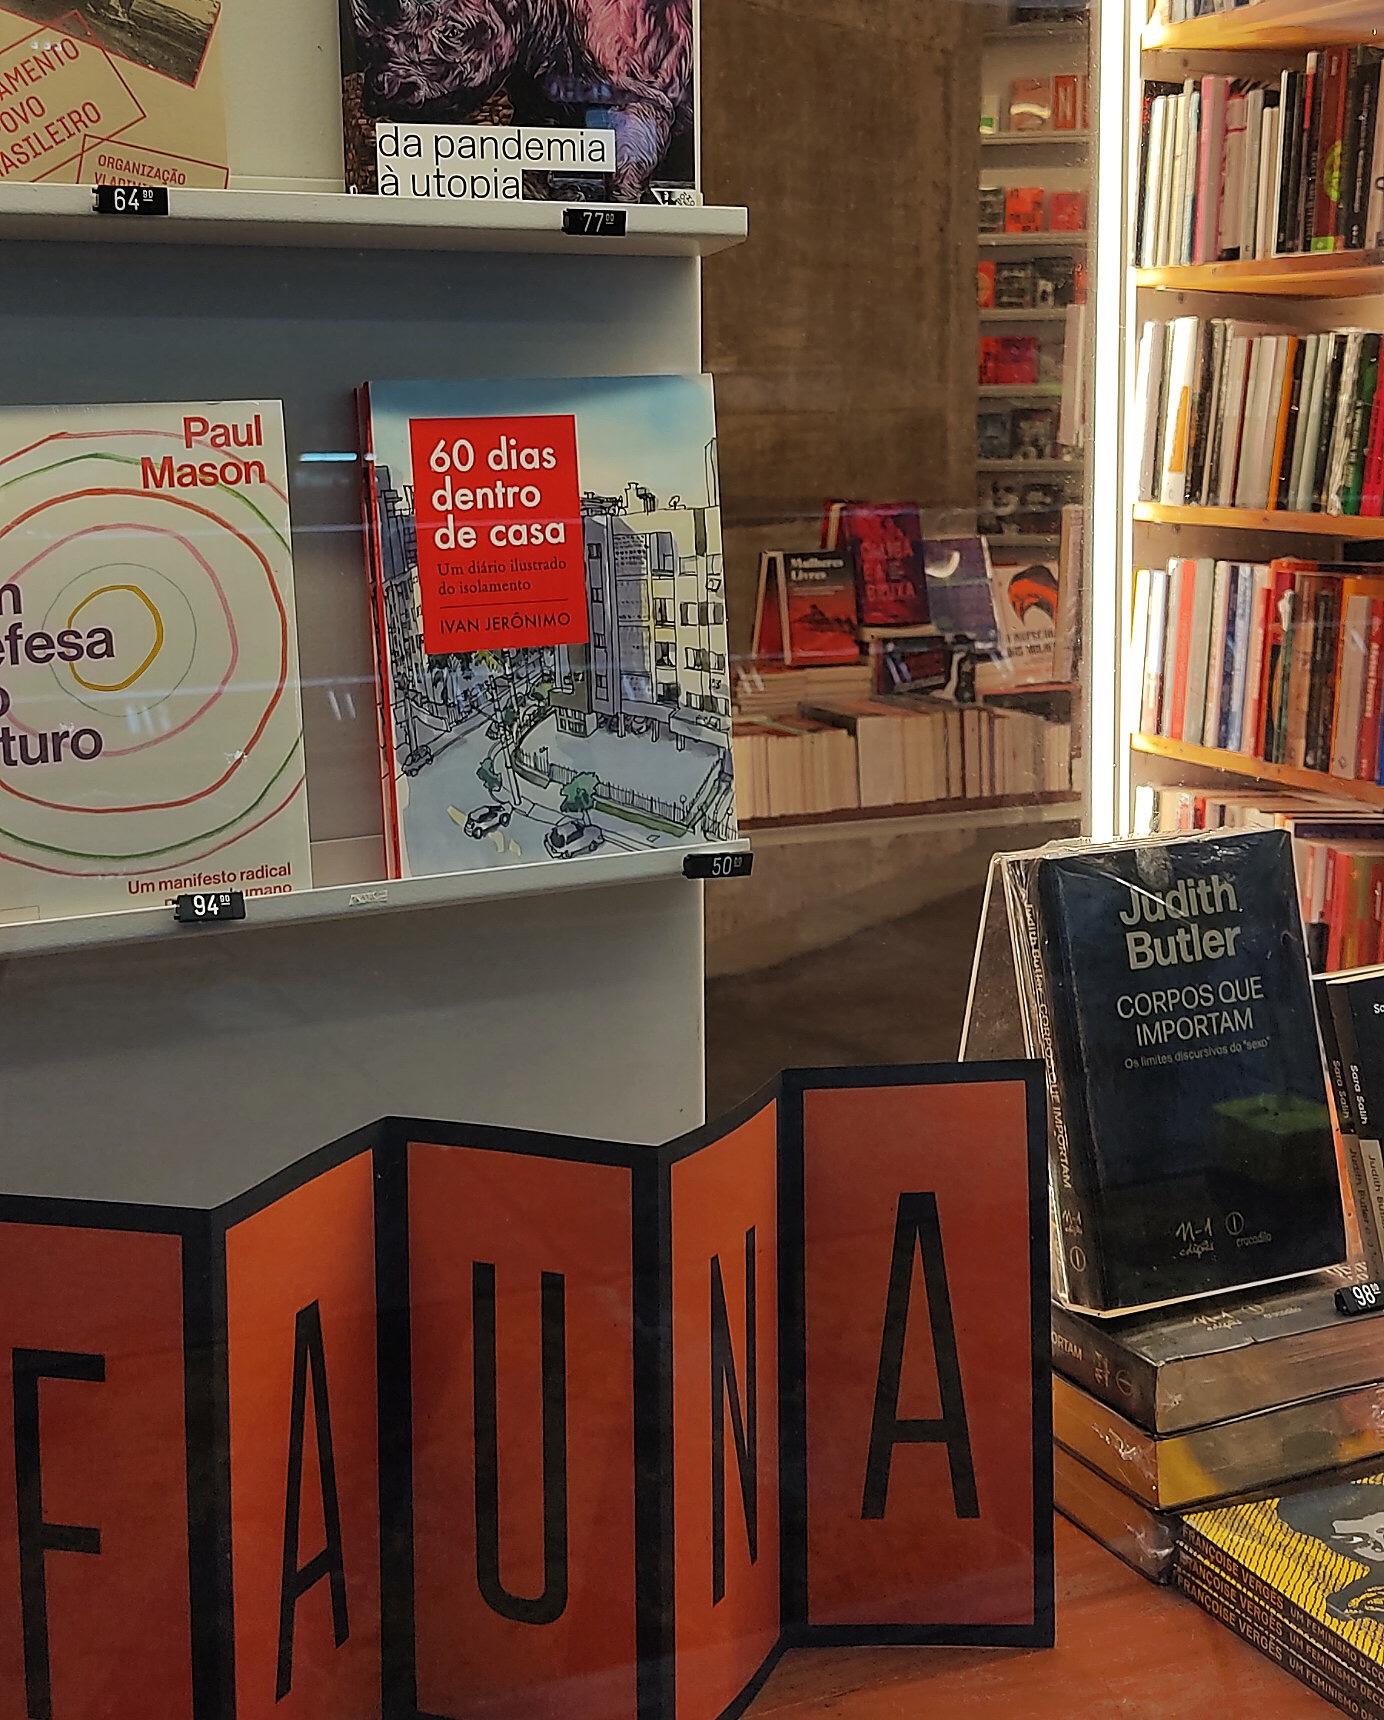 """Vitrine da livraria com livros expostos, dentre os quais o """"60 dias dentro de casa"""", de Ivan Jerônimo. Embaixo, em primeiro plano, nome da livraria em um display com dobras"""